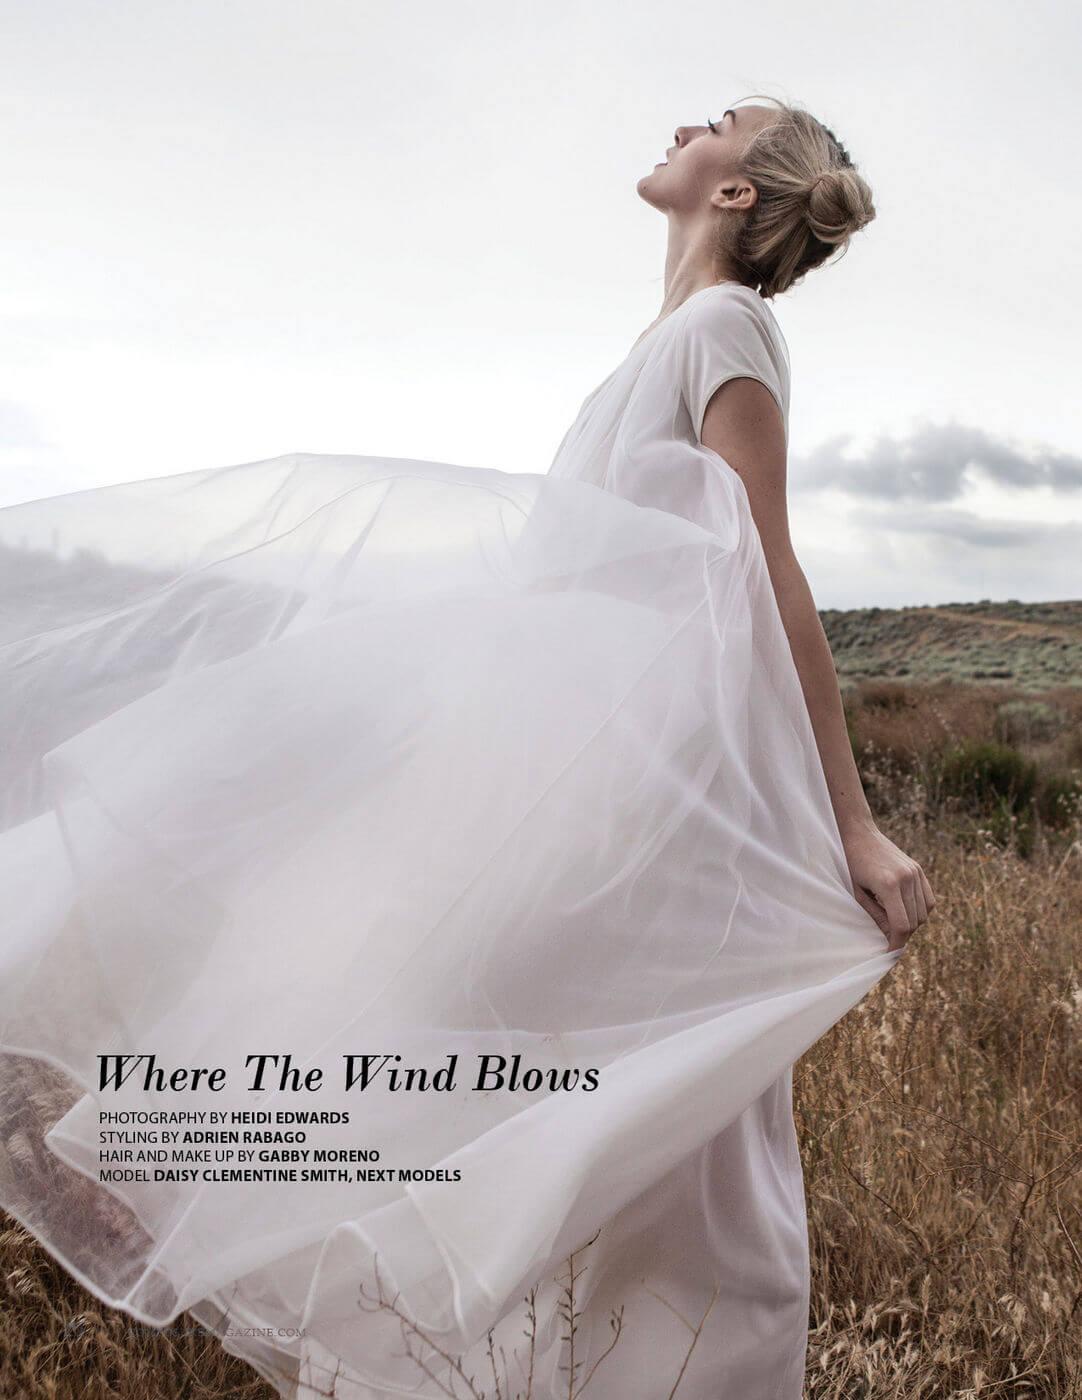 Fashion Editorial By Heidi Edwards Styling Adrian Rabago